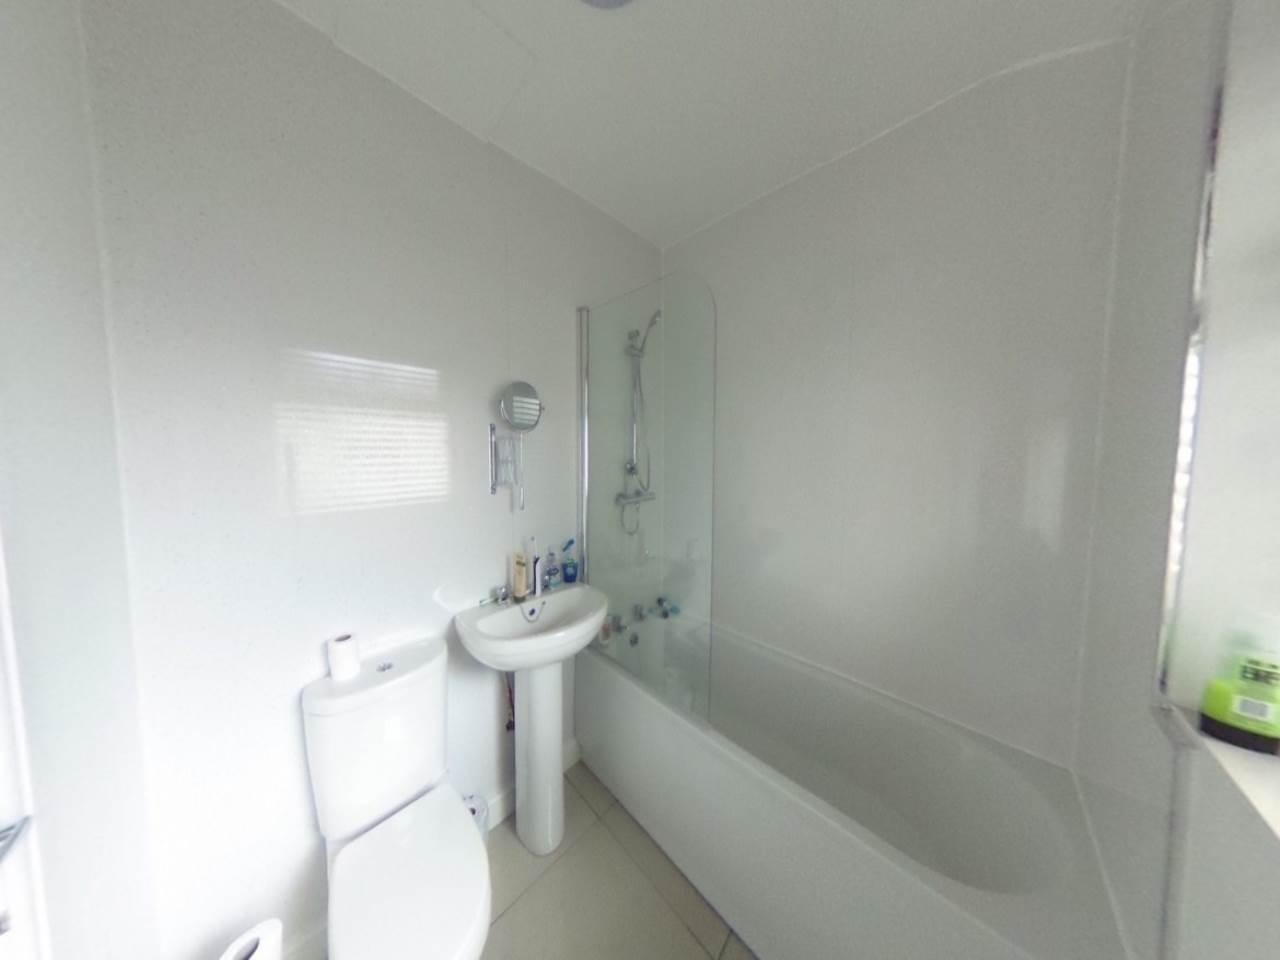 407a-High-St-Bathroom-1170x738